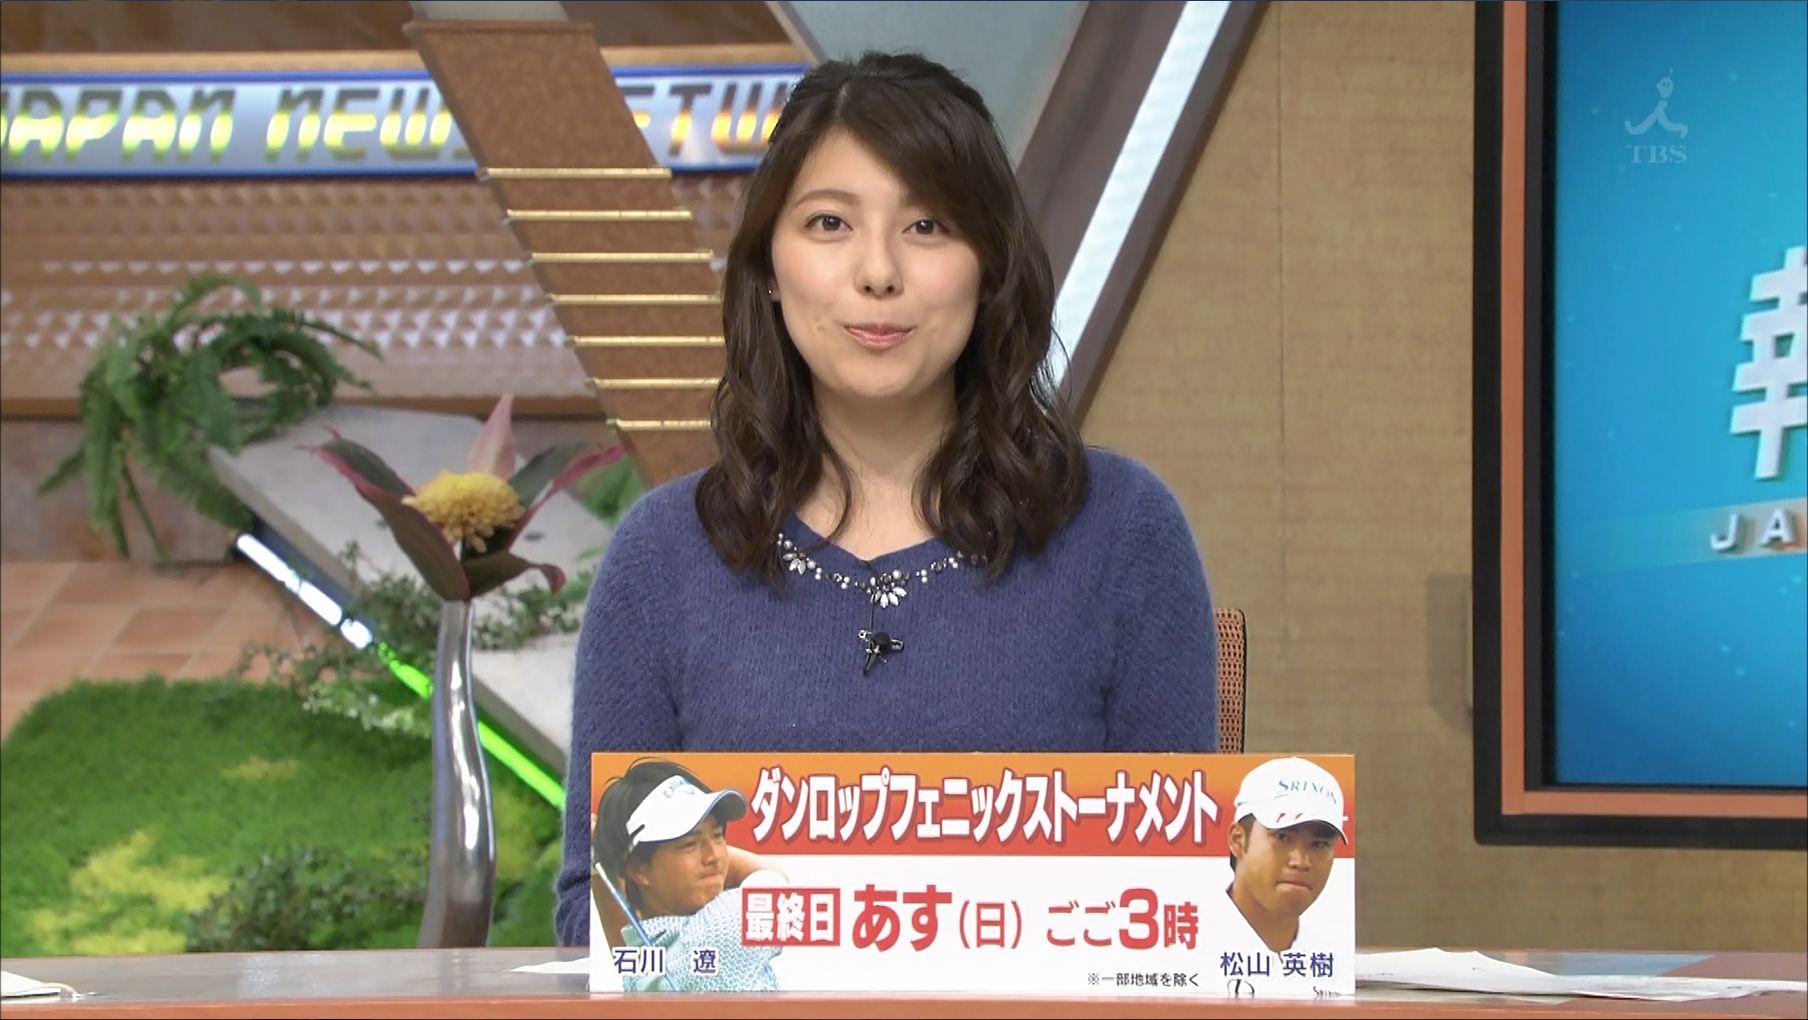 上村彩子 (アナウンサー)の画像 p1_38